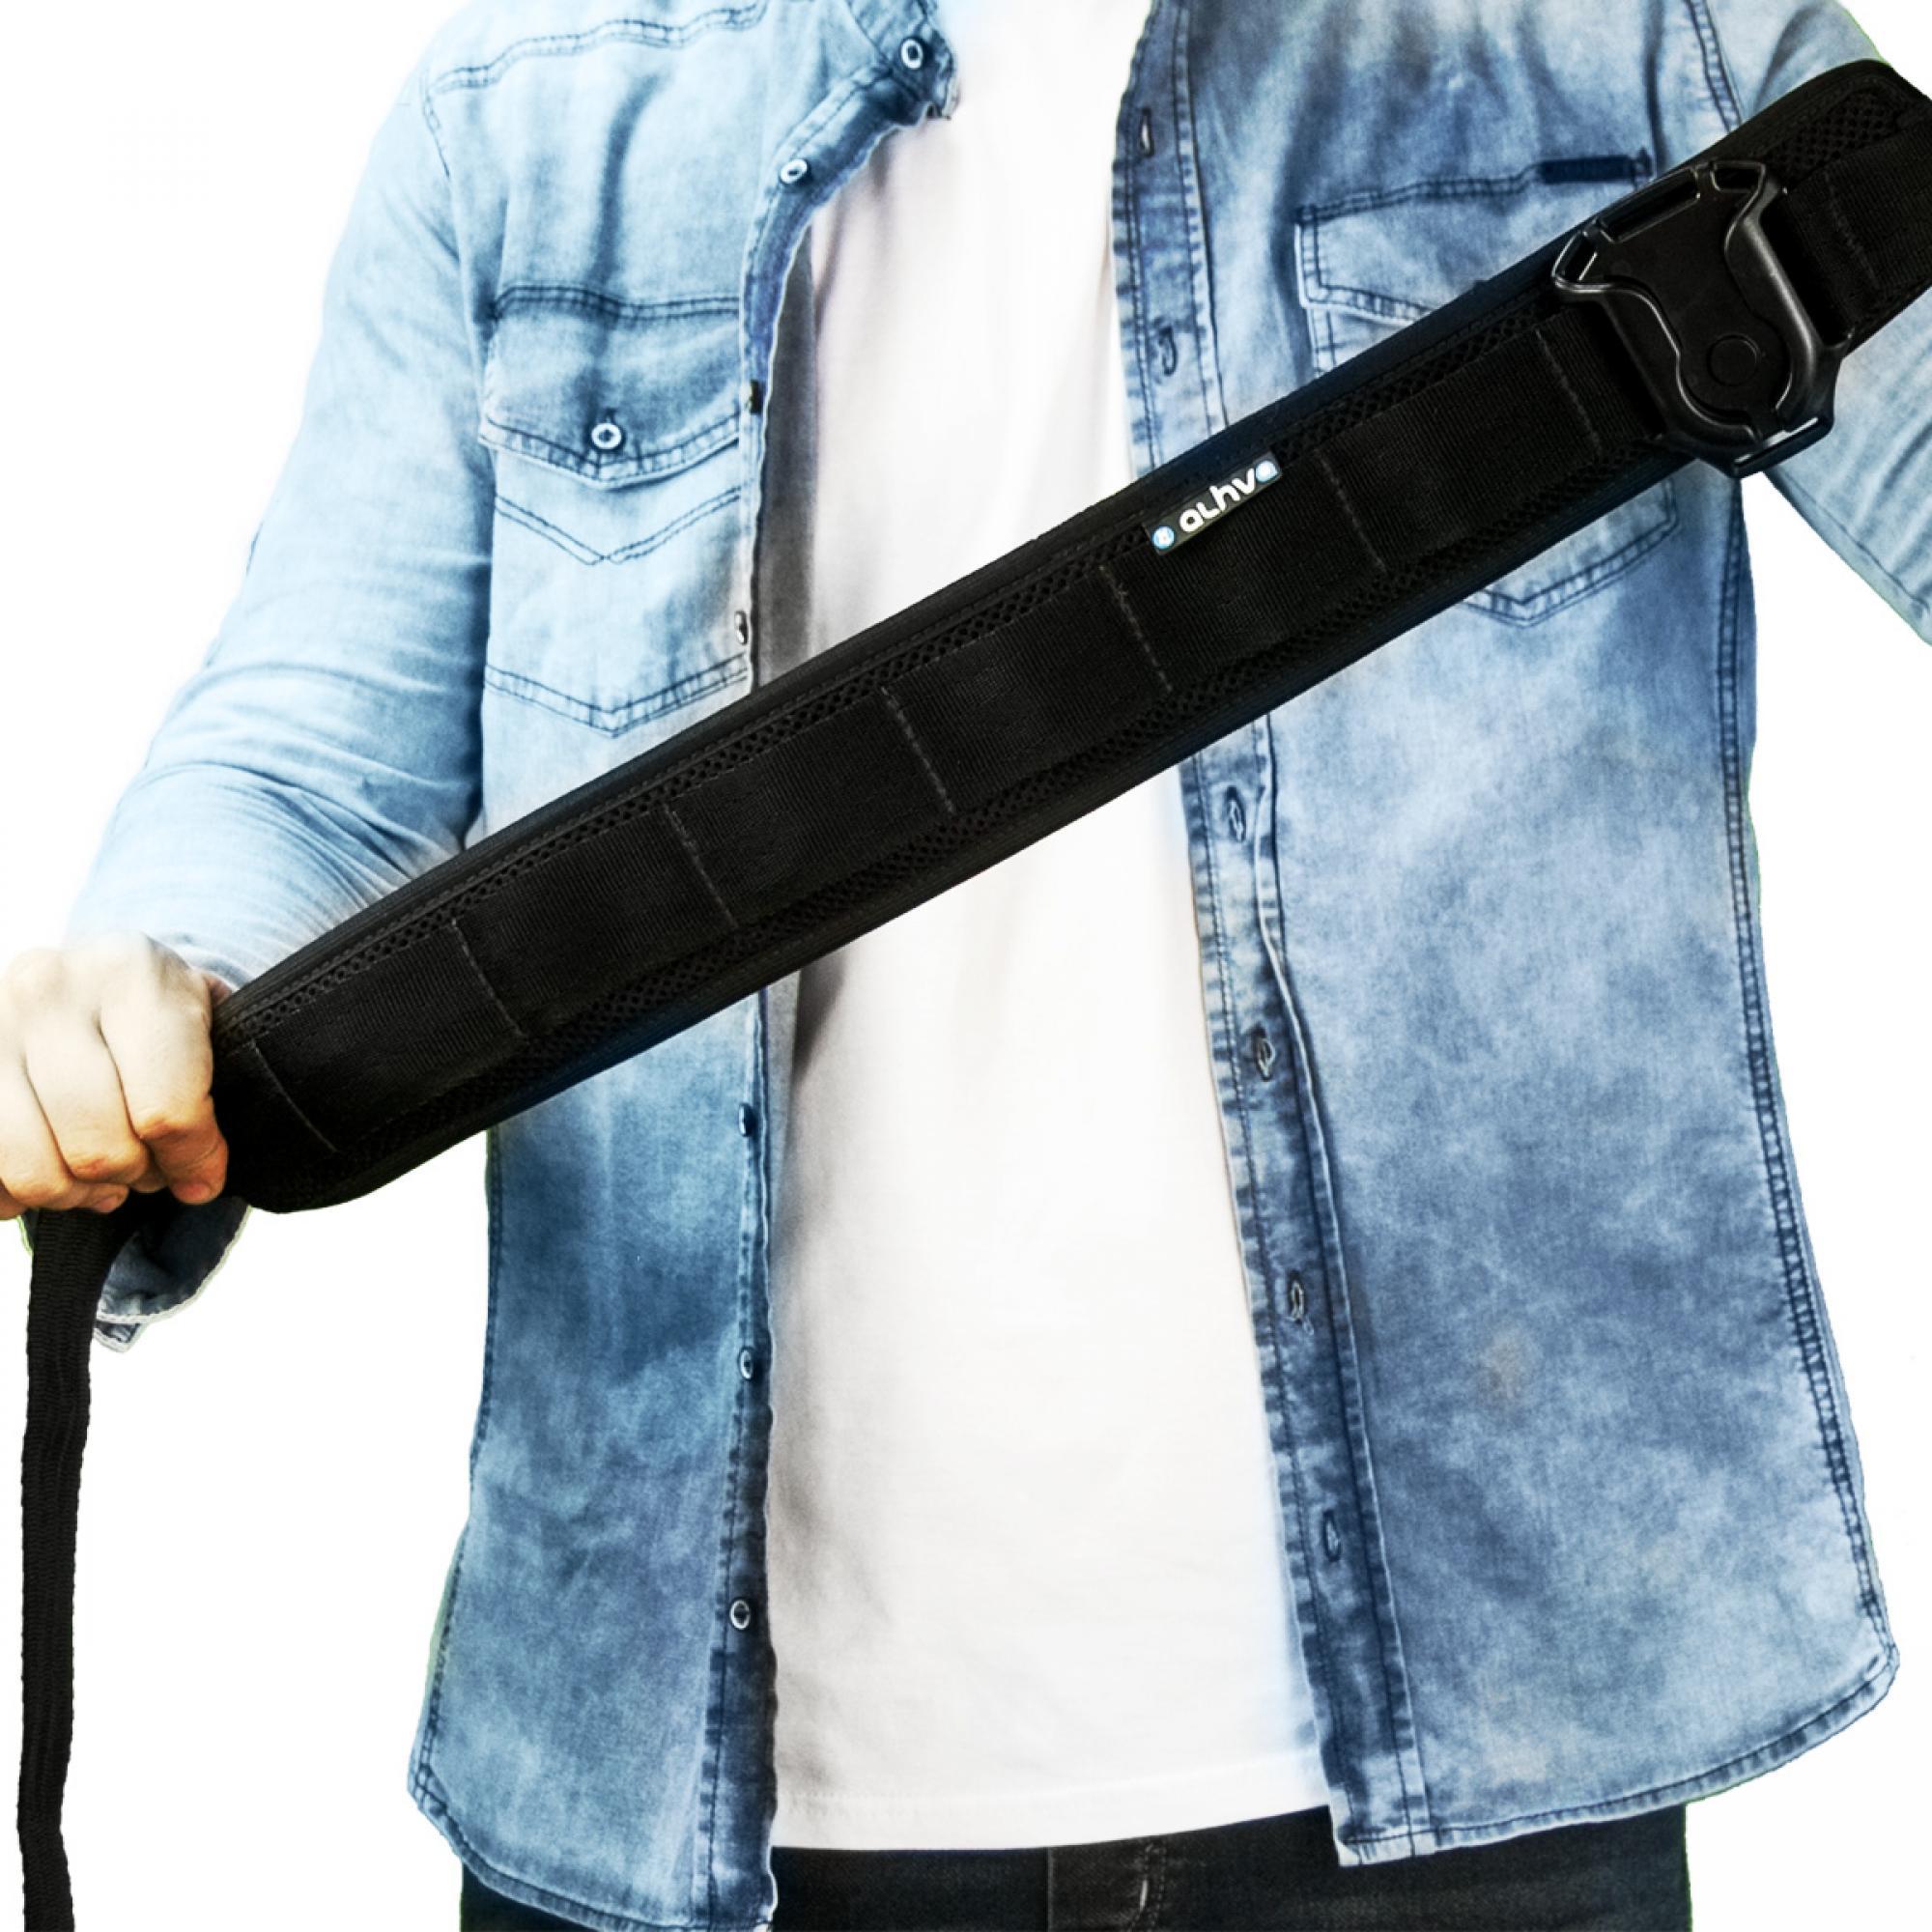 Cinto em Nylon e Neoprene Com Divisões Para Pendurar Porta Lentes Alhva Repórter Pro